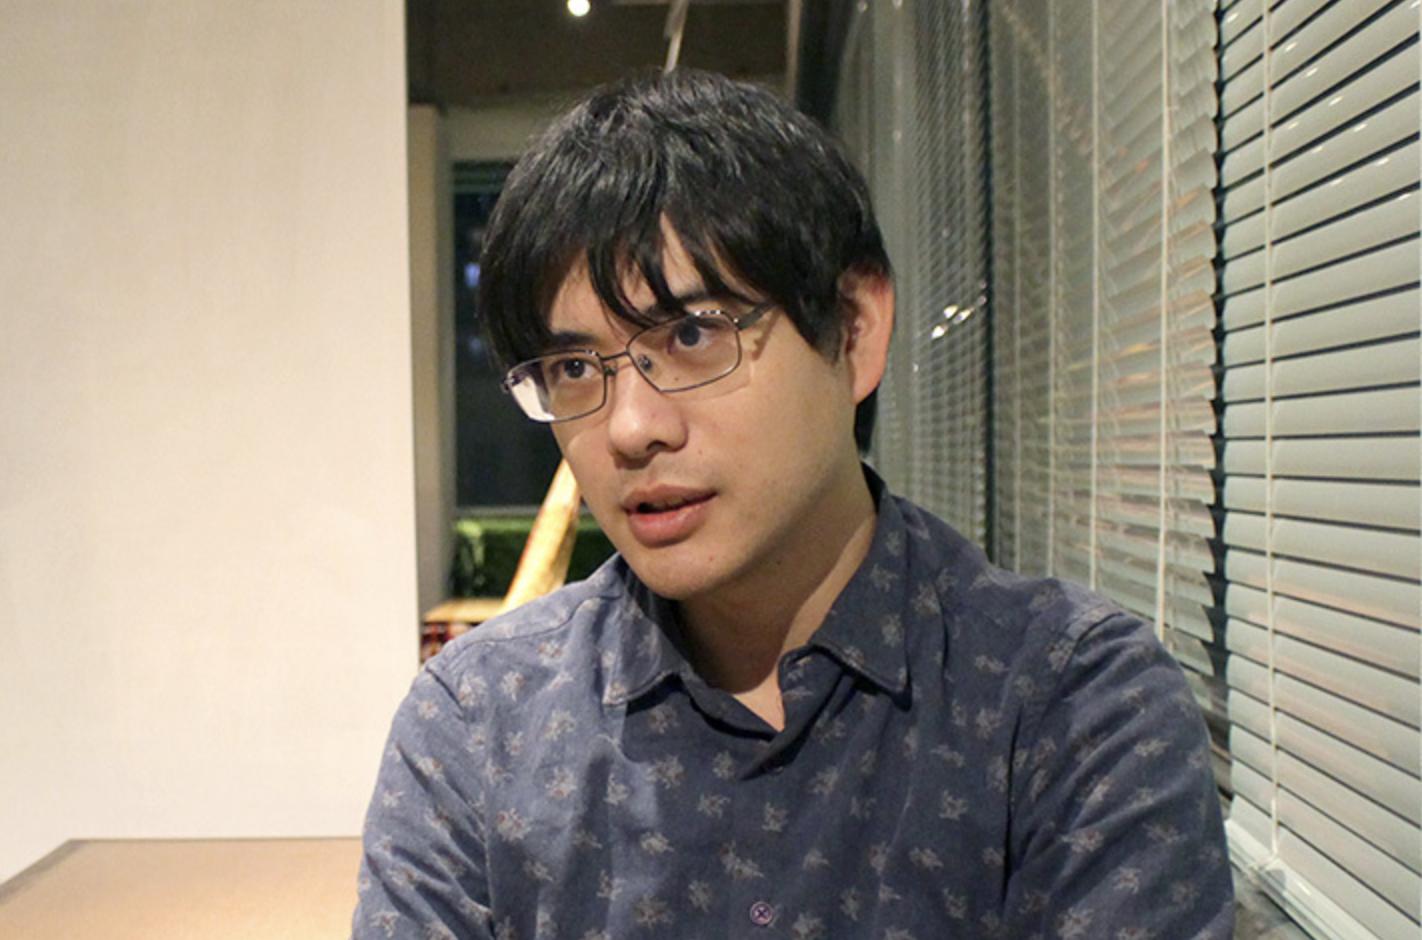 佐藤雄介(メンサ会員)のwikiプロフィールと経歴!年齢と出身大学は?